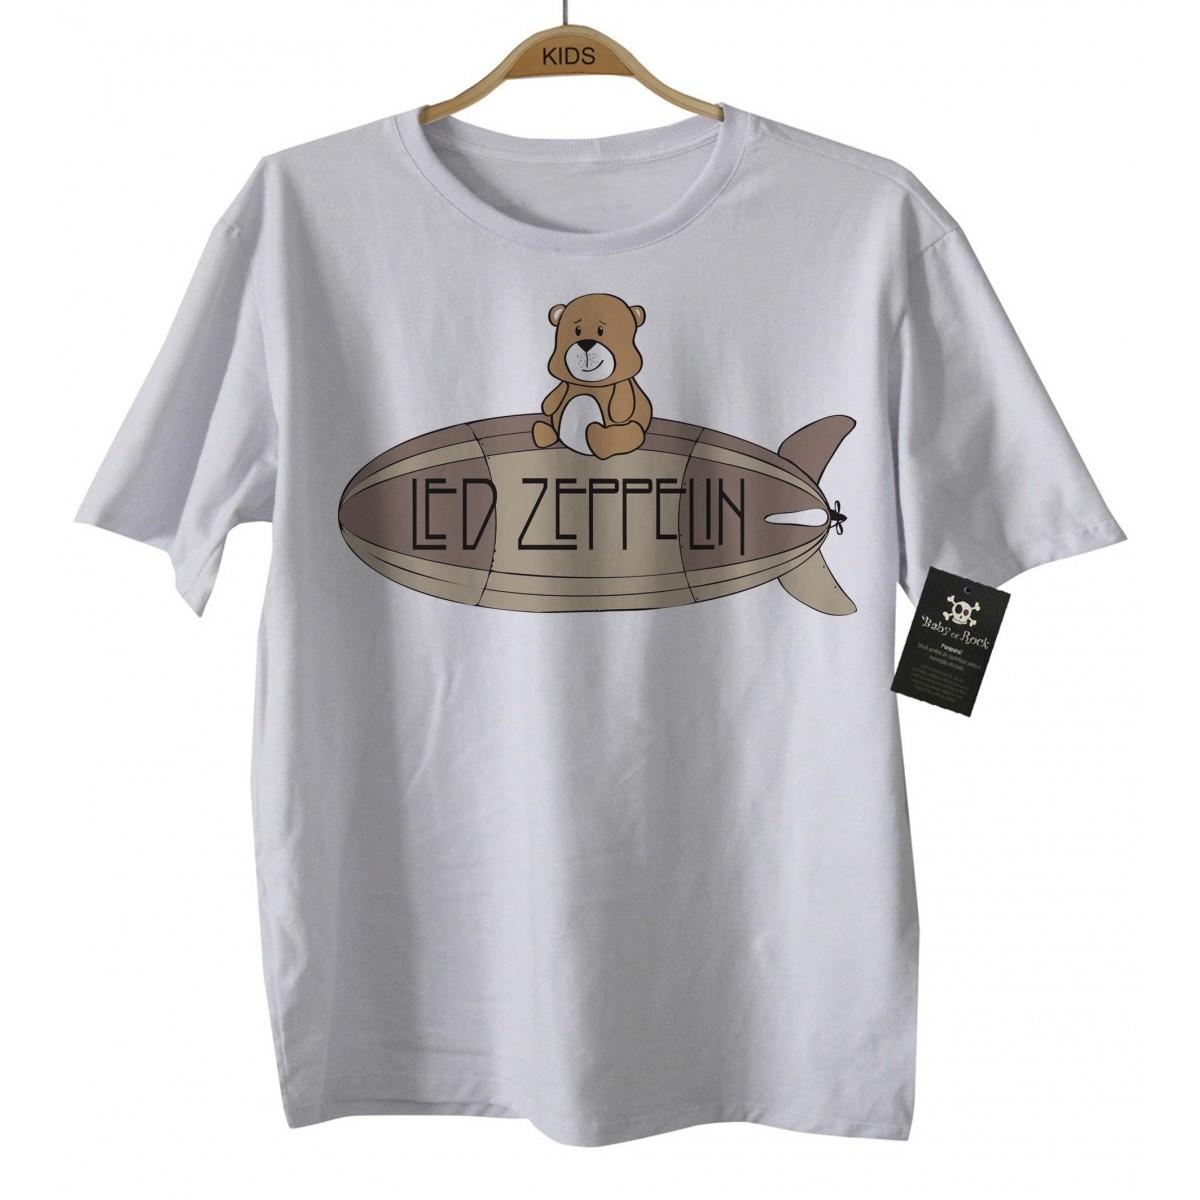 Camiseta  Rock   Led Zeppelin Cute - D - White  - Baby Monster - Body Bebe